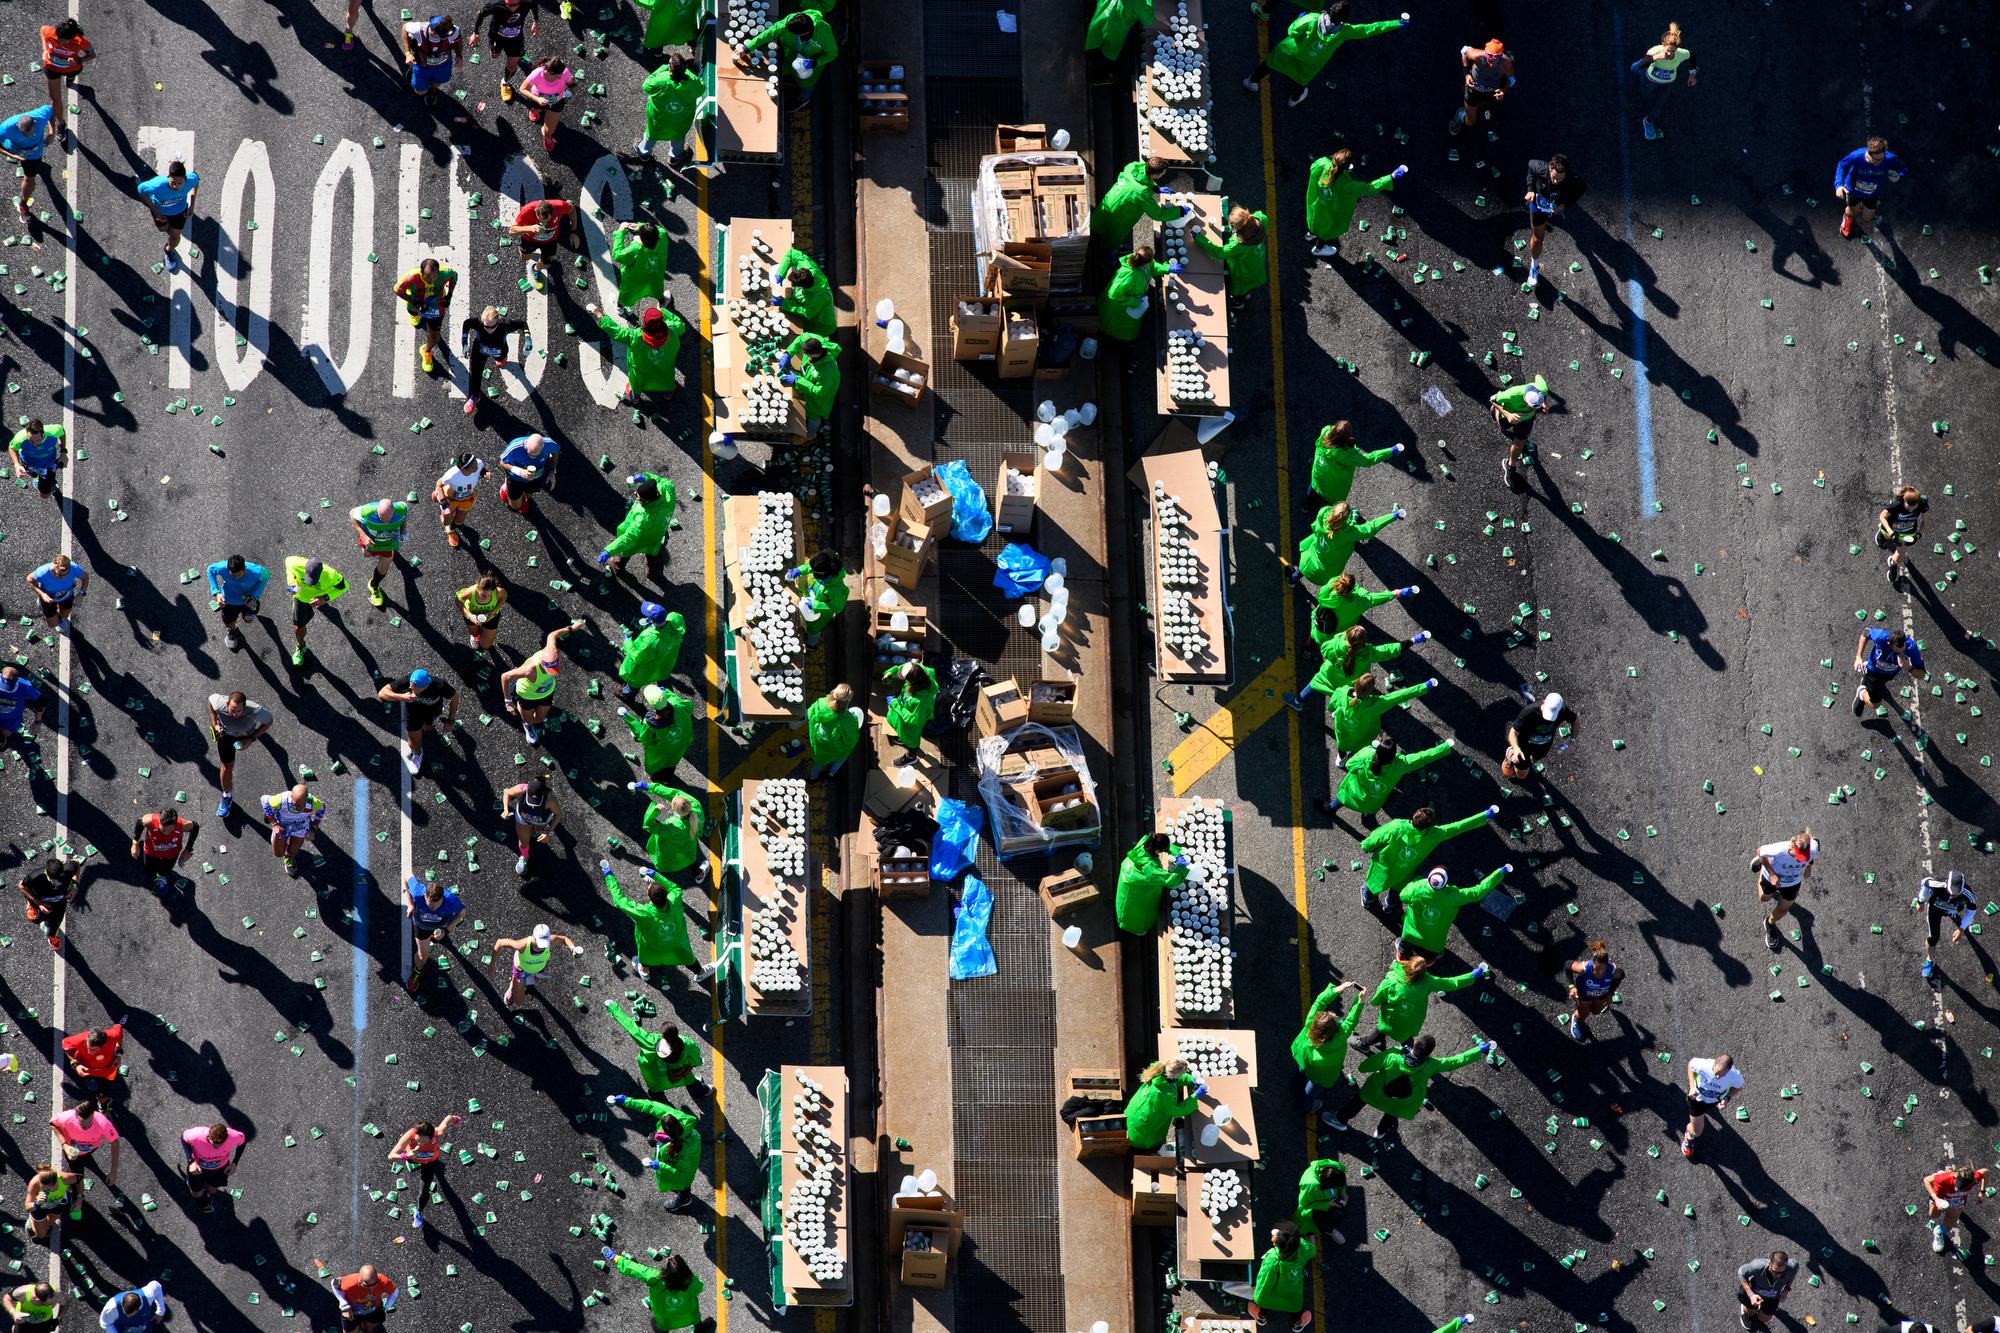 New York, NY - November 6, 2016: ****Aerial Coverage of the New York City Marathon for ESPN. **** (Joe McNally for ESPN)